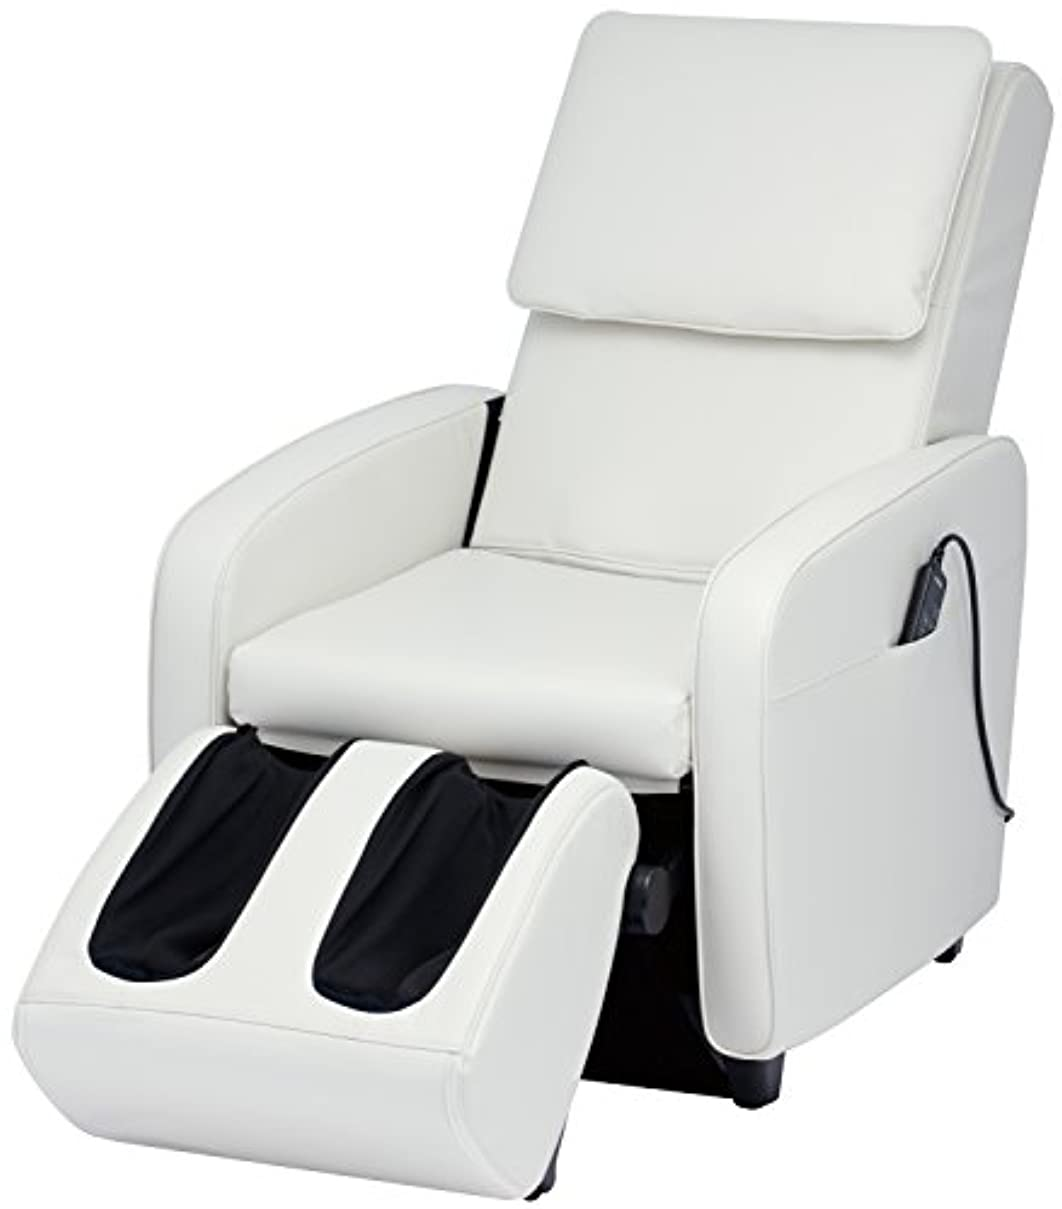 混合したホバートコントラストスライヴ マッサージチェア くつろぎ指定席 【SFIT エスフィット】 「つかみもみ機能搭載」 ホワイト CHD-7401(W)